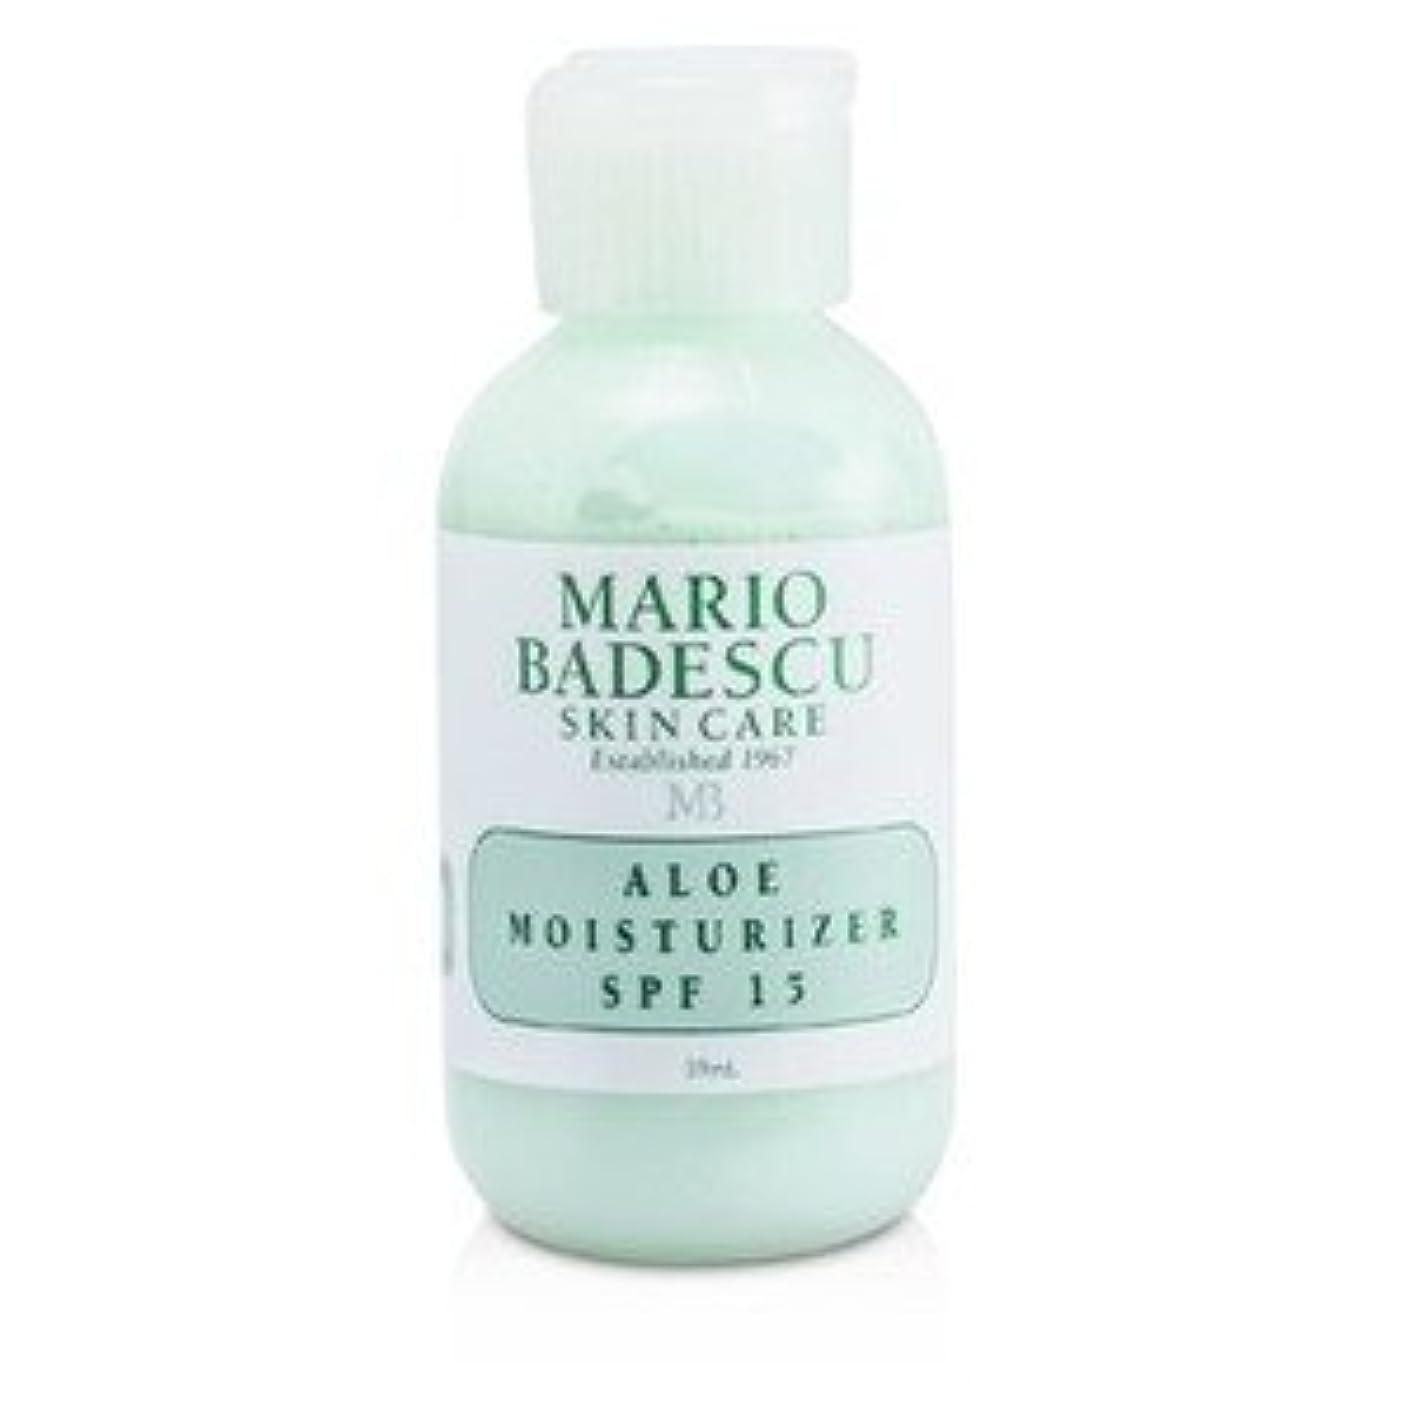 感度死の顎値するMARIO BADESCU(マリオ バデスク) アロエ モイスチャライザー SPF15 59ml/2oz [並行輸入品]